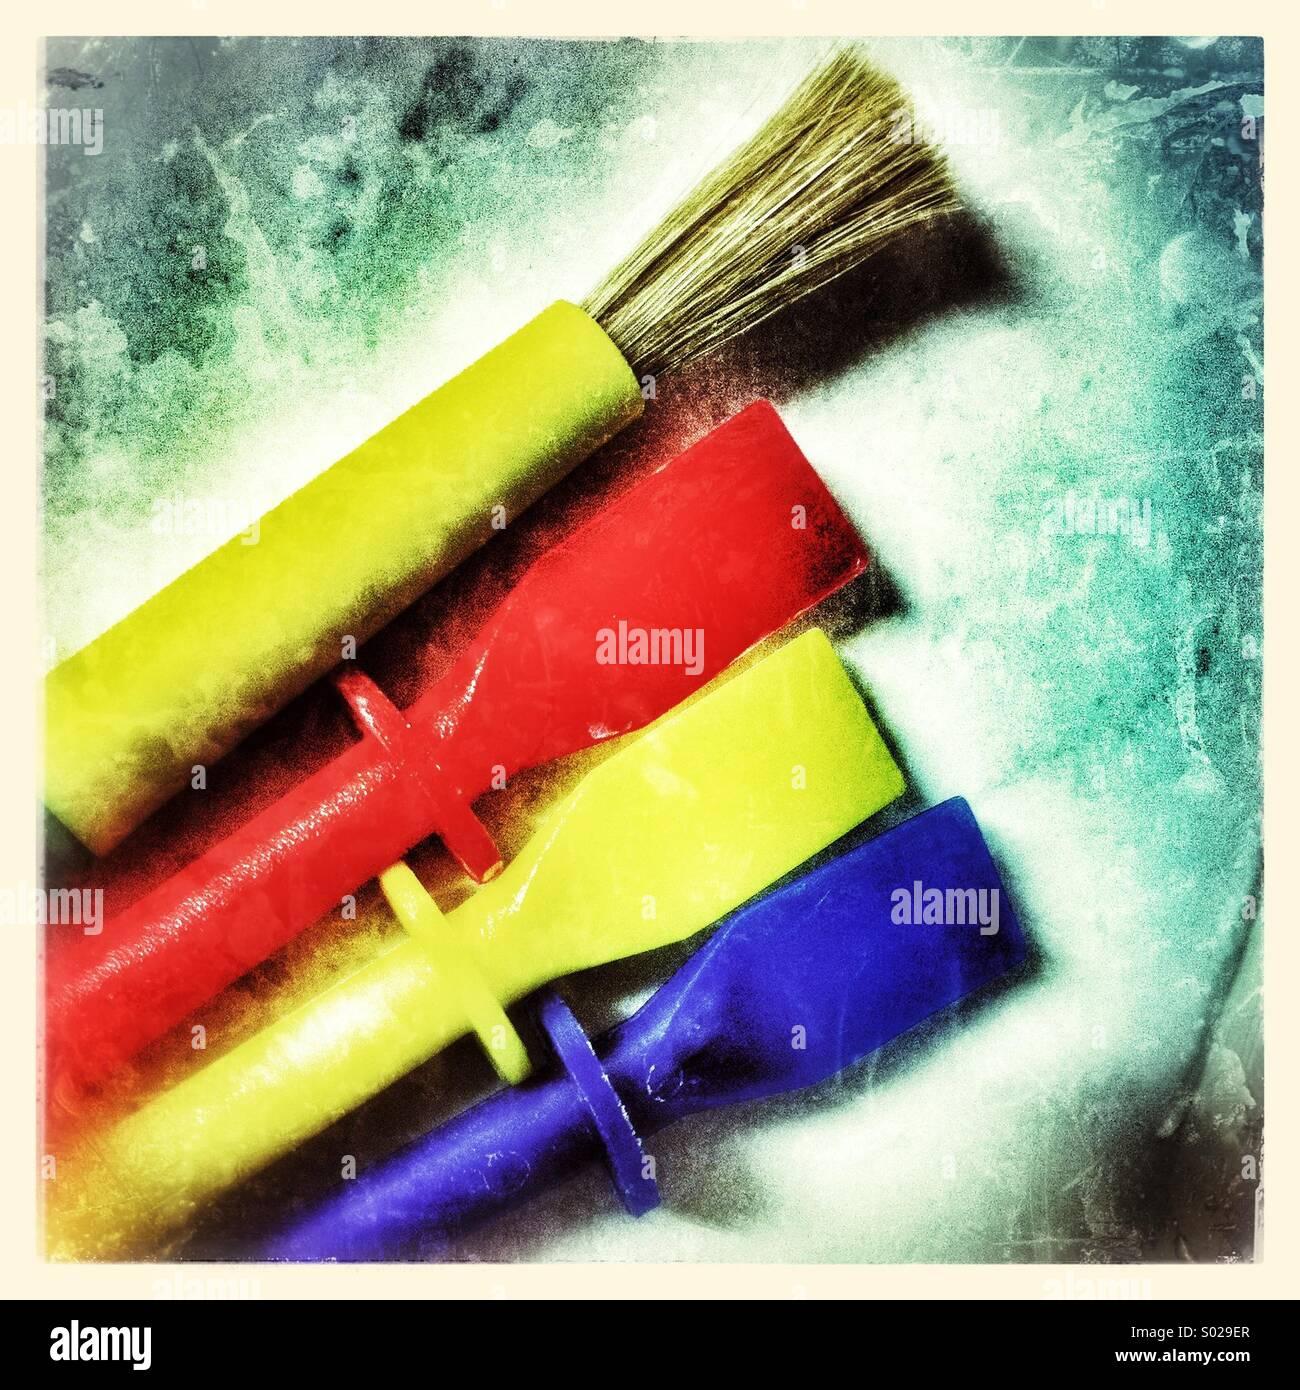 Brush and Spatulas - Stock Image